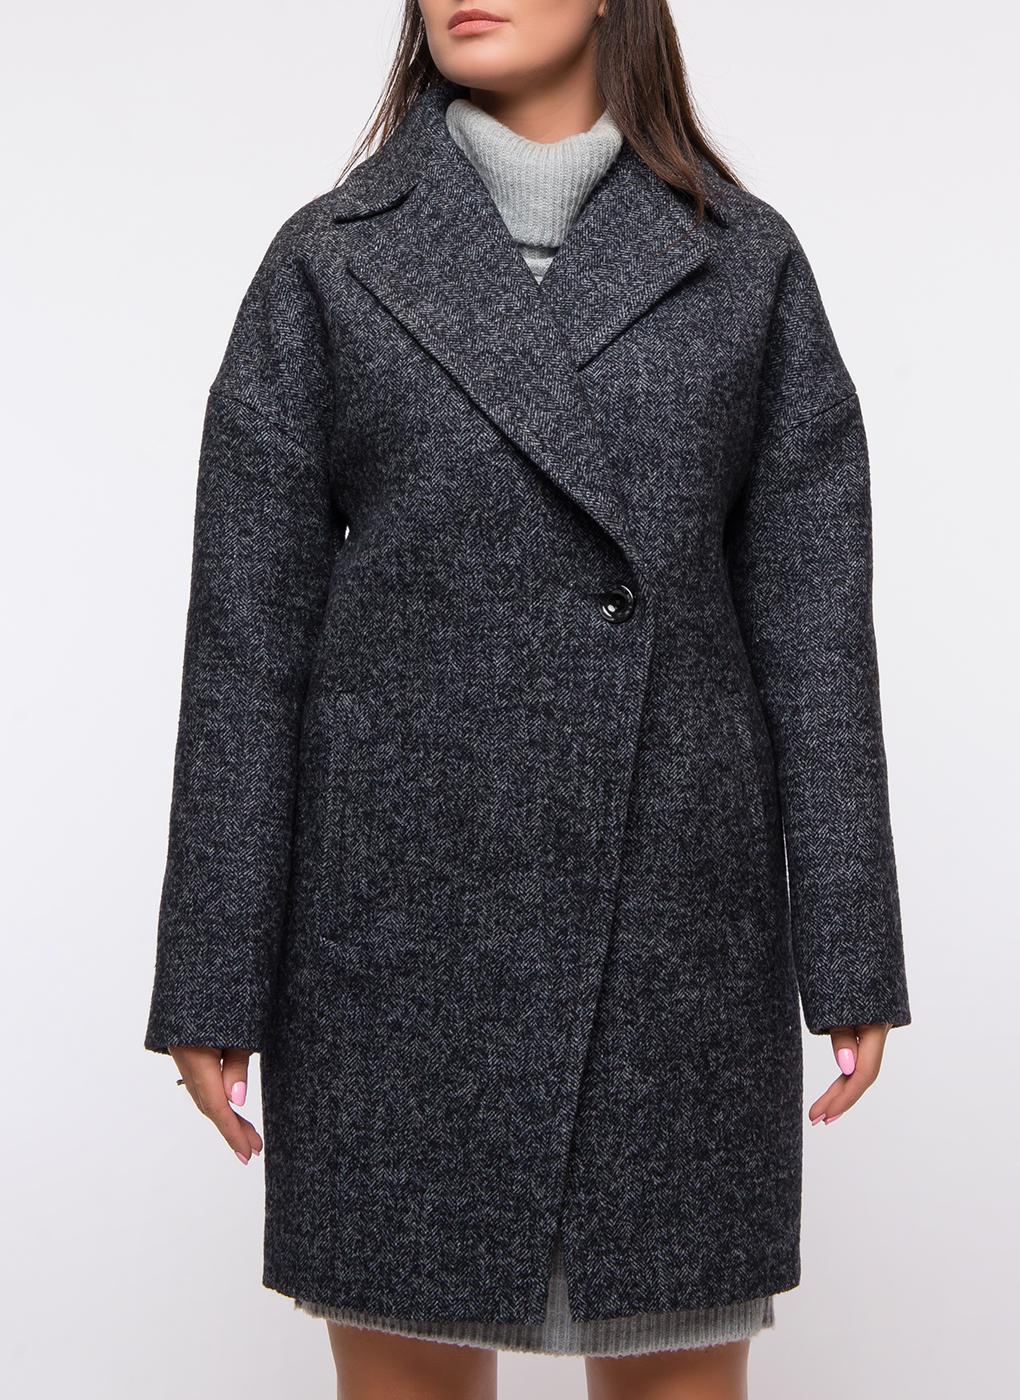 Пальто прямое полушерстяное 32, Paradox фото